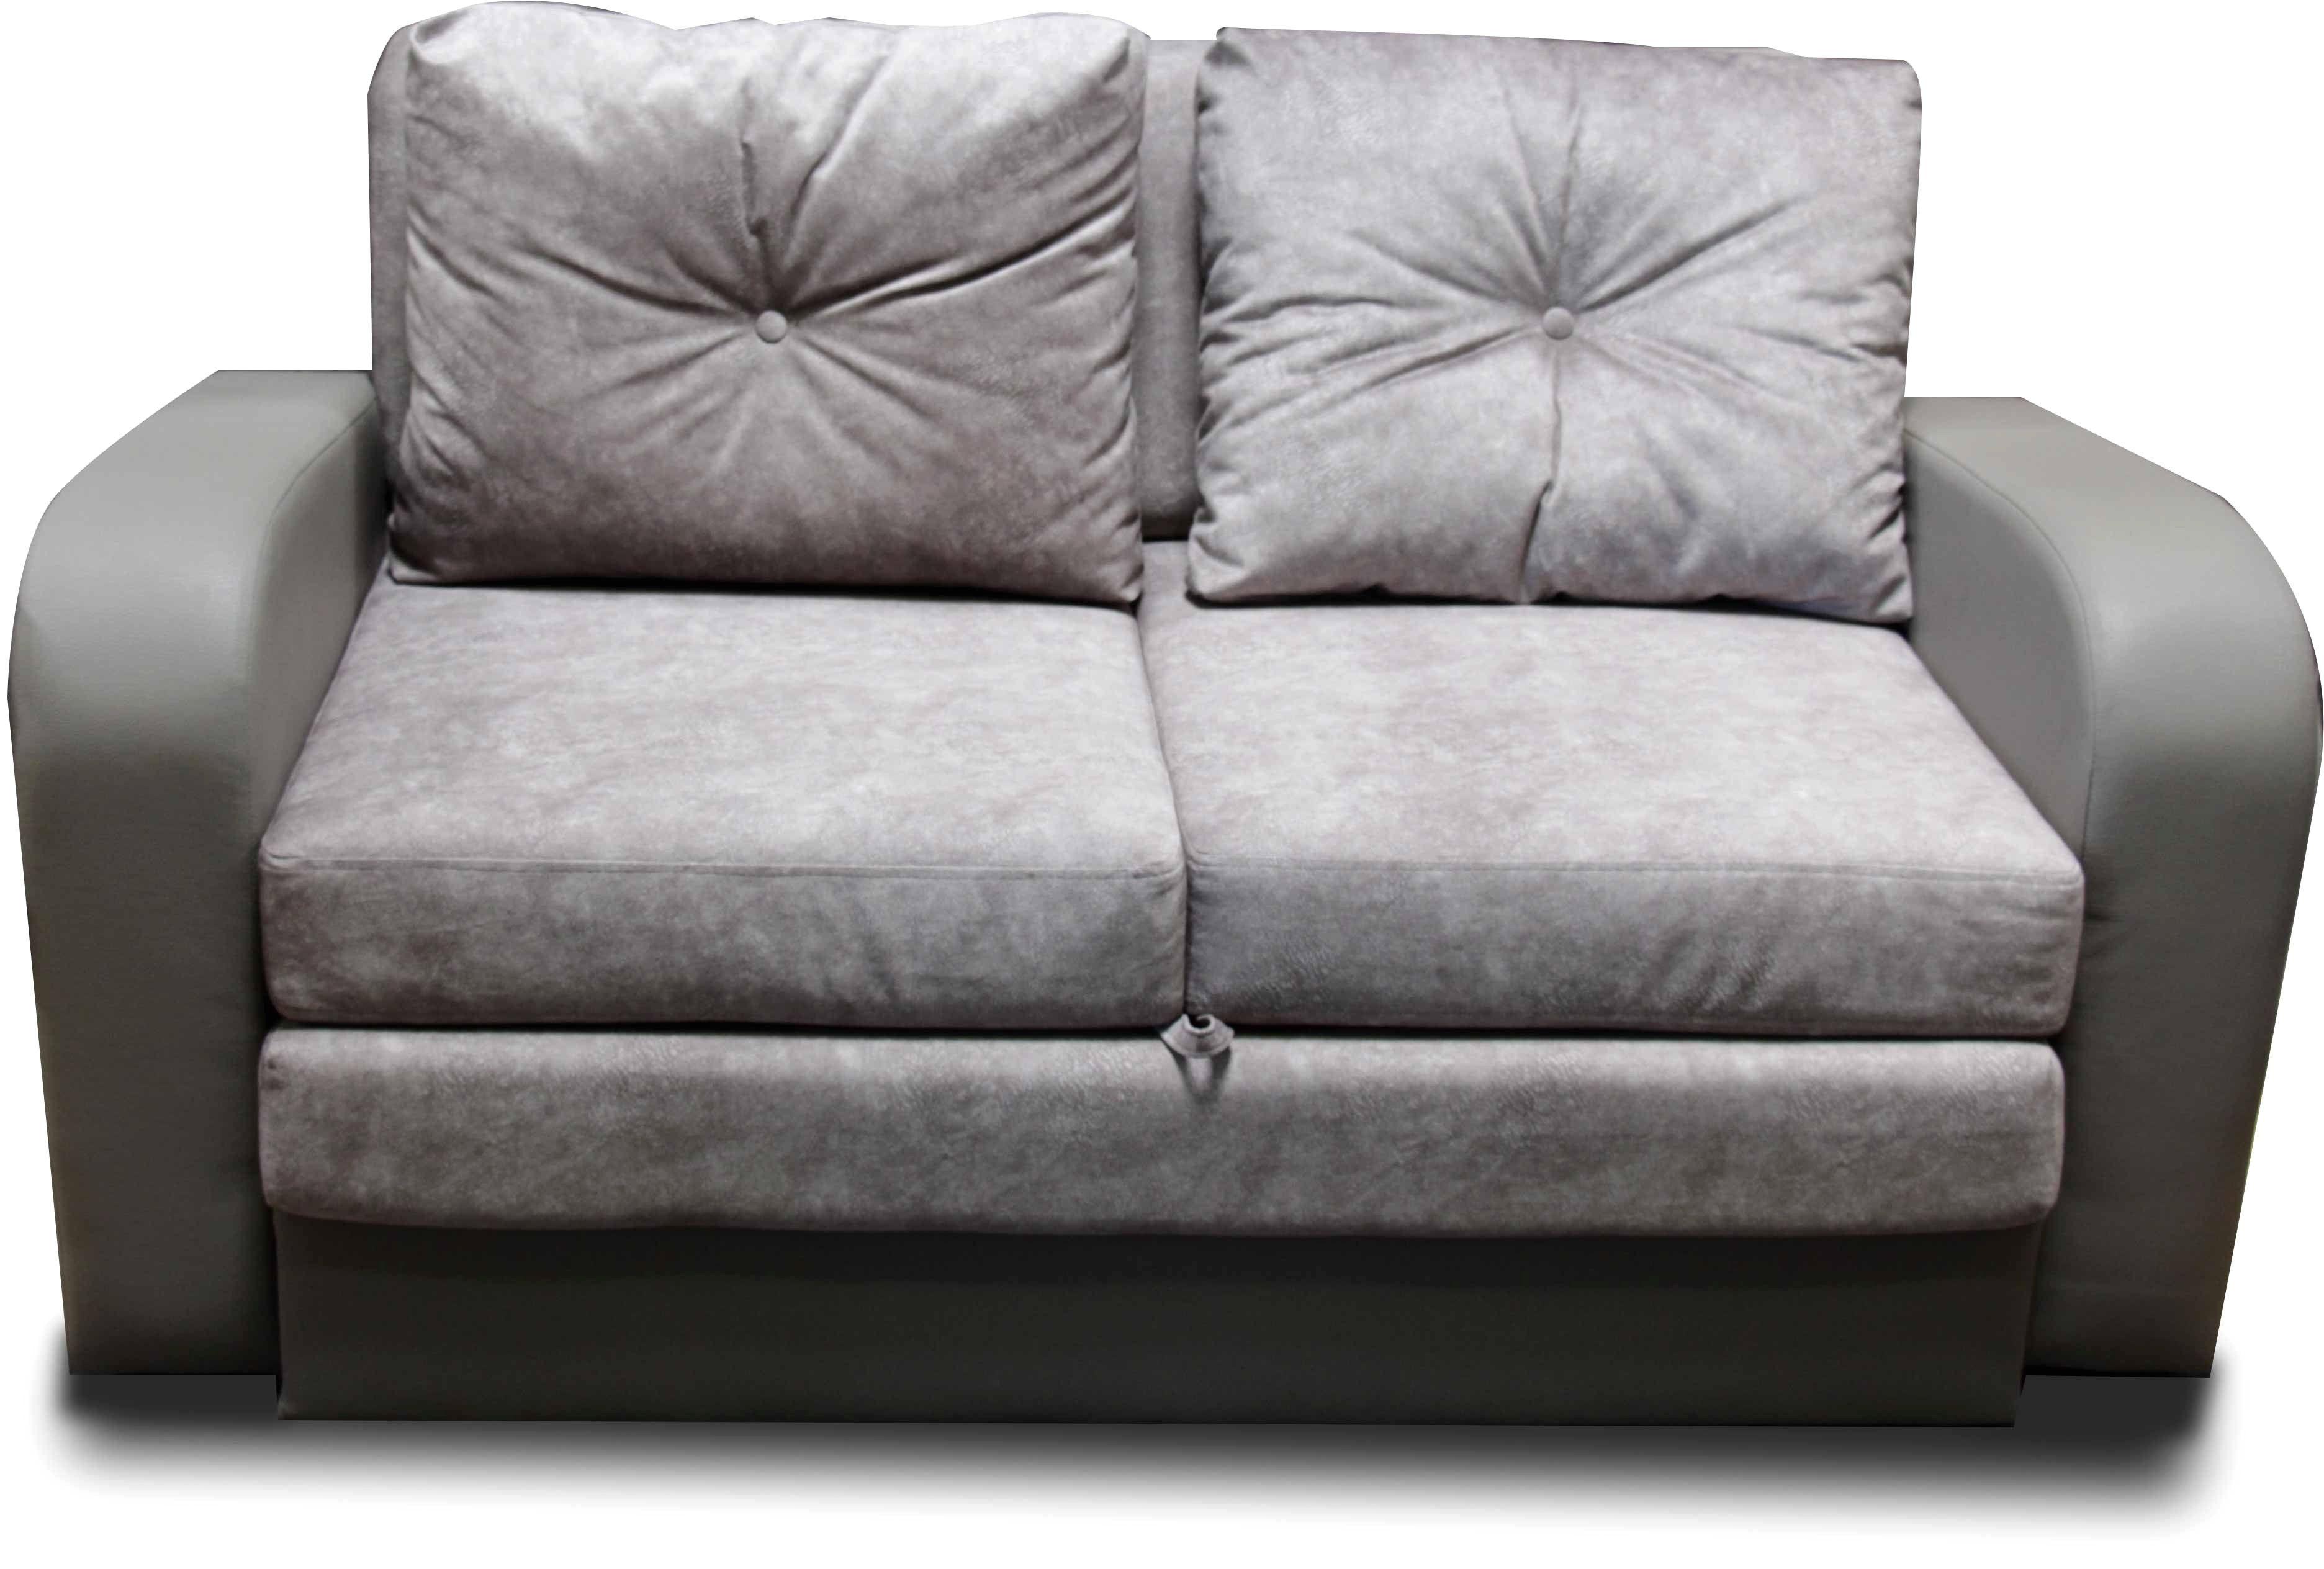 Armoire Lit Canapé Nouveau Glamour Armoire Lit Canapé Dans Luxury Canapé Lit Matelas